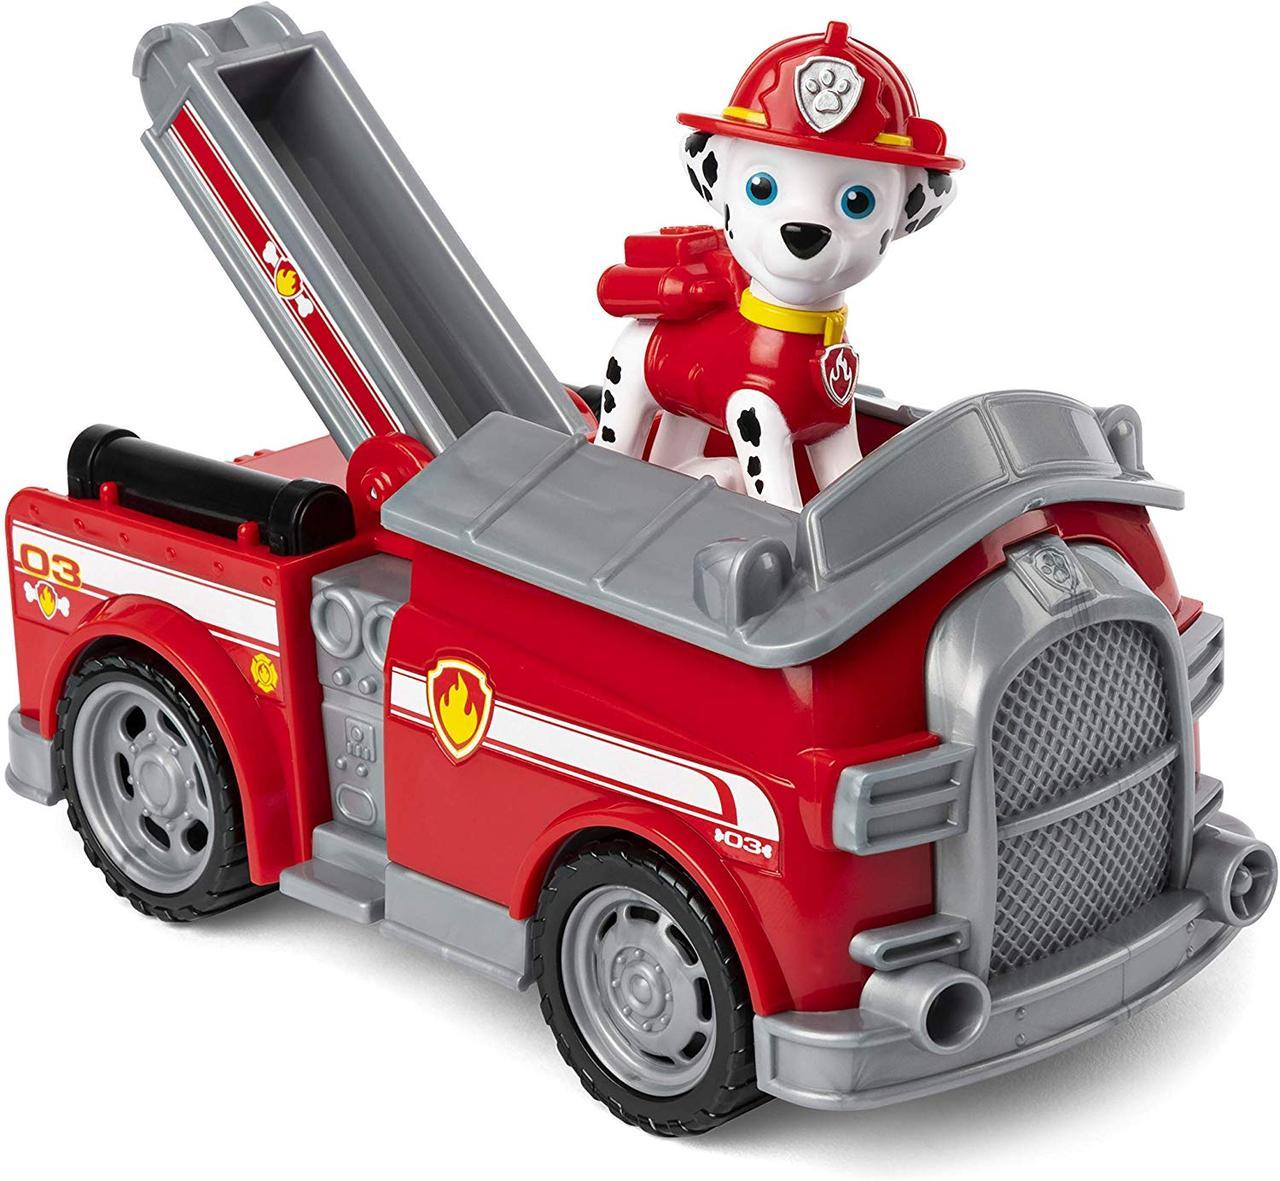 Щенячий патруль Paw Patrol Маршал и пожарная машина Spin Master